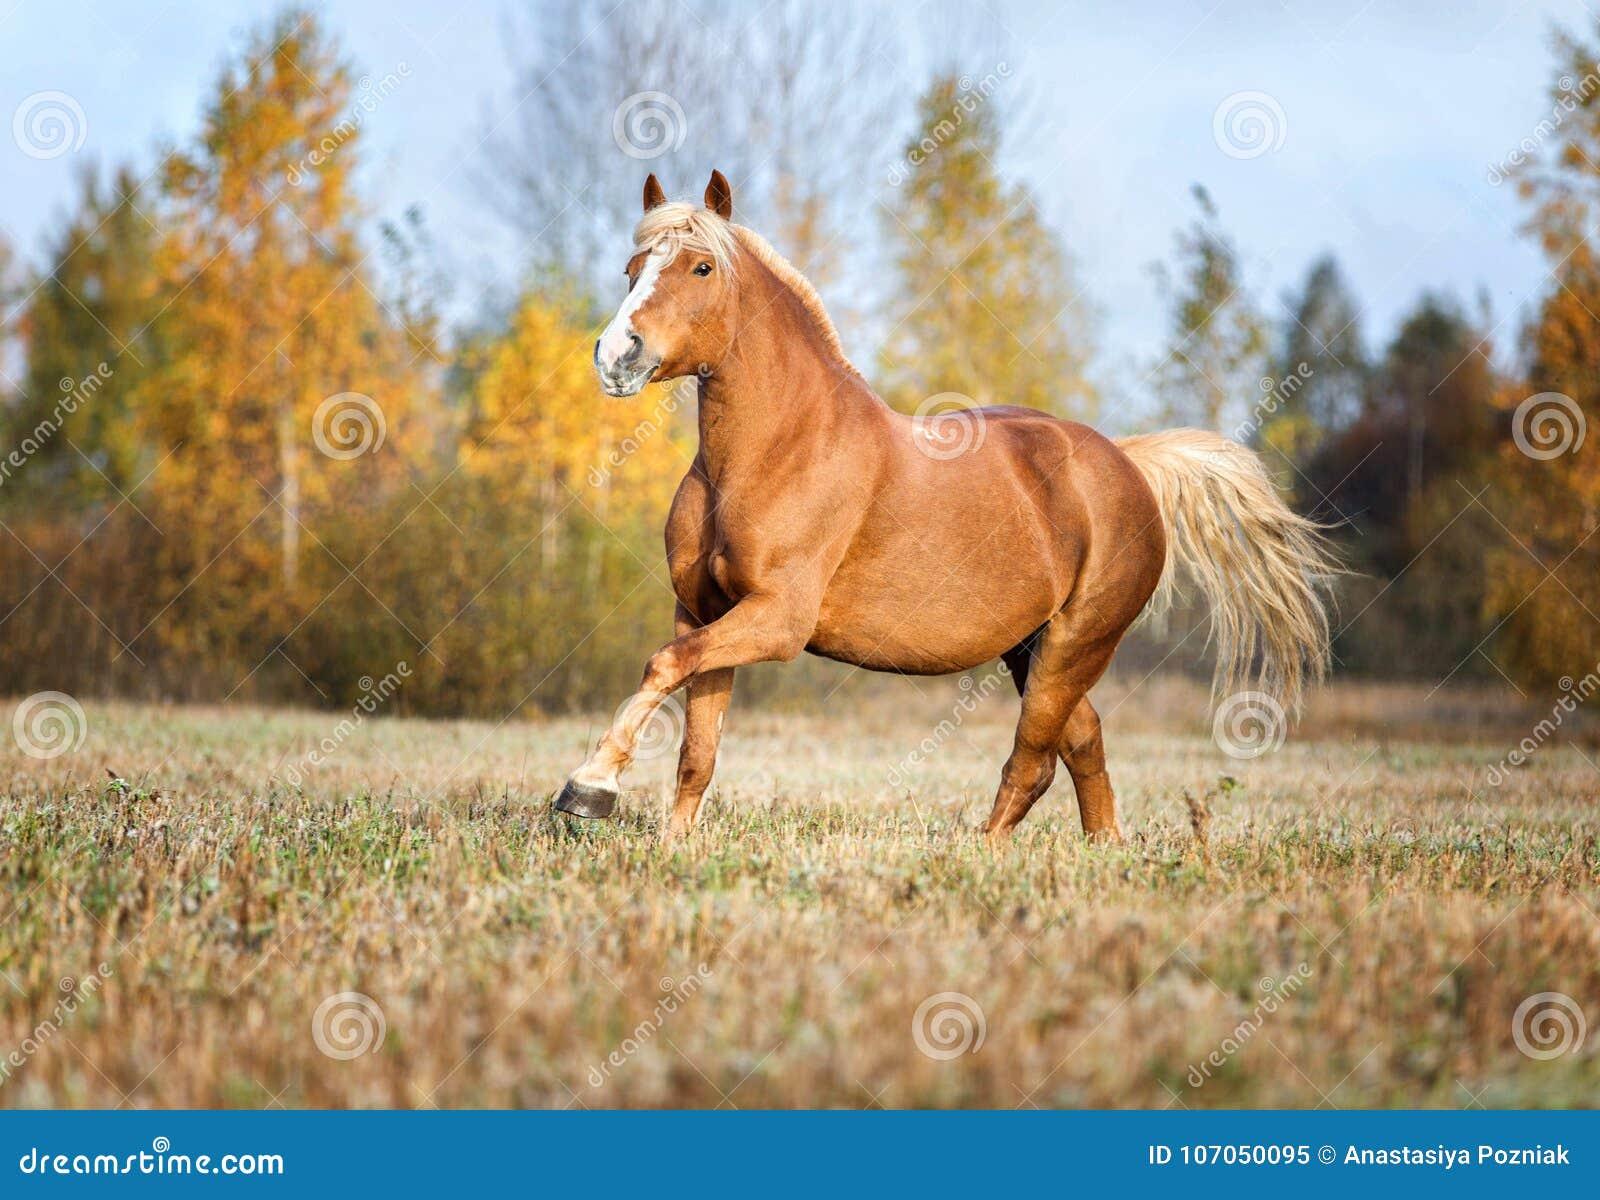 Γκρίζο άλογο portait στη δασική φύση φθινοπώρου, κοίταγμα